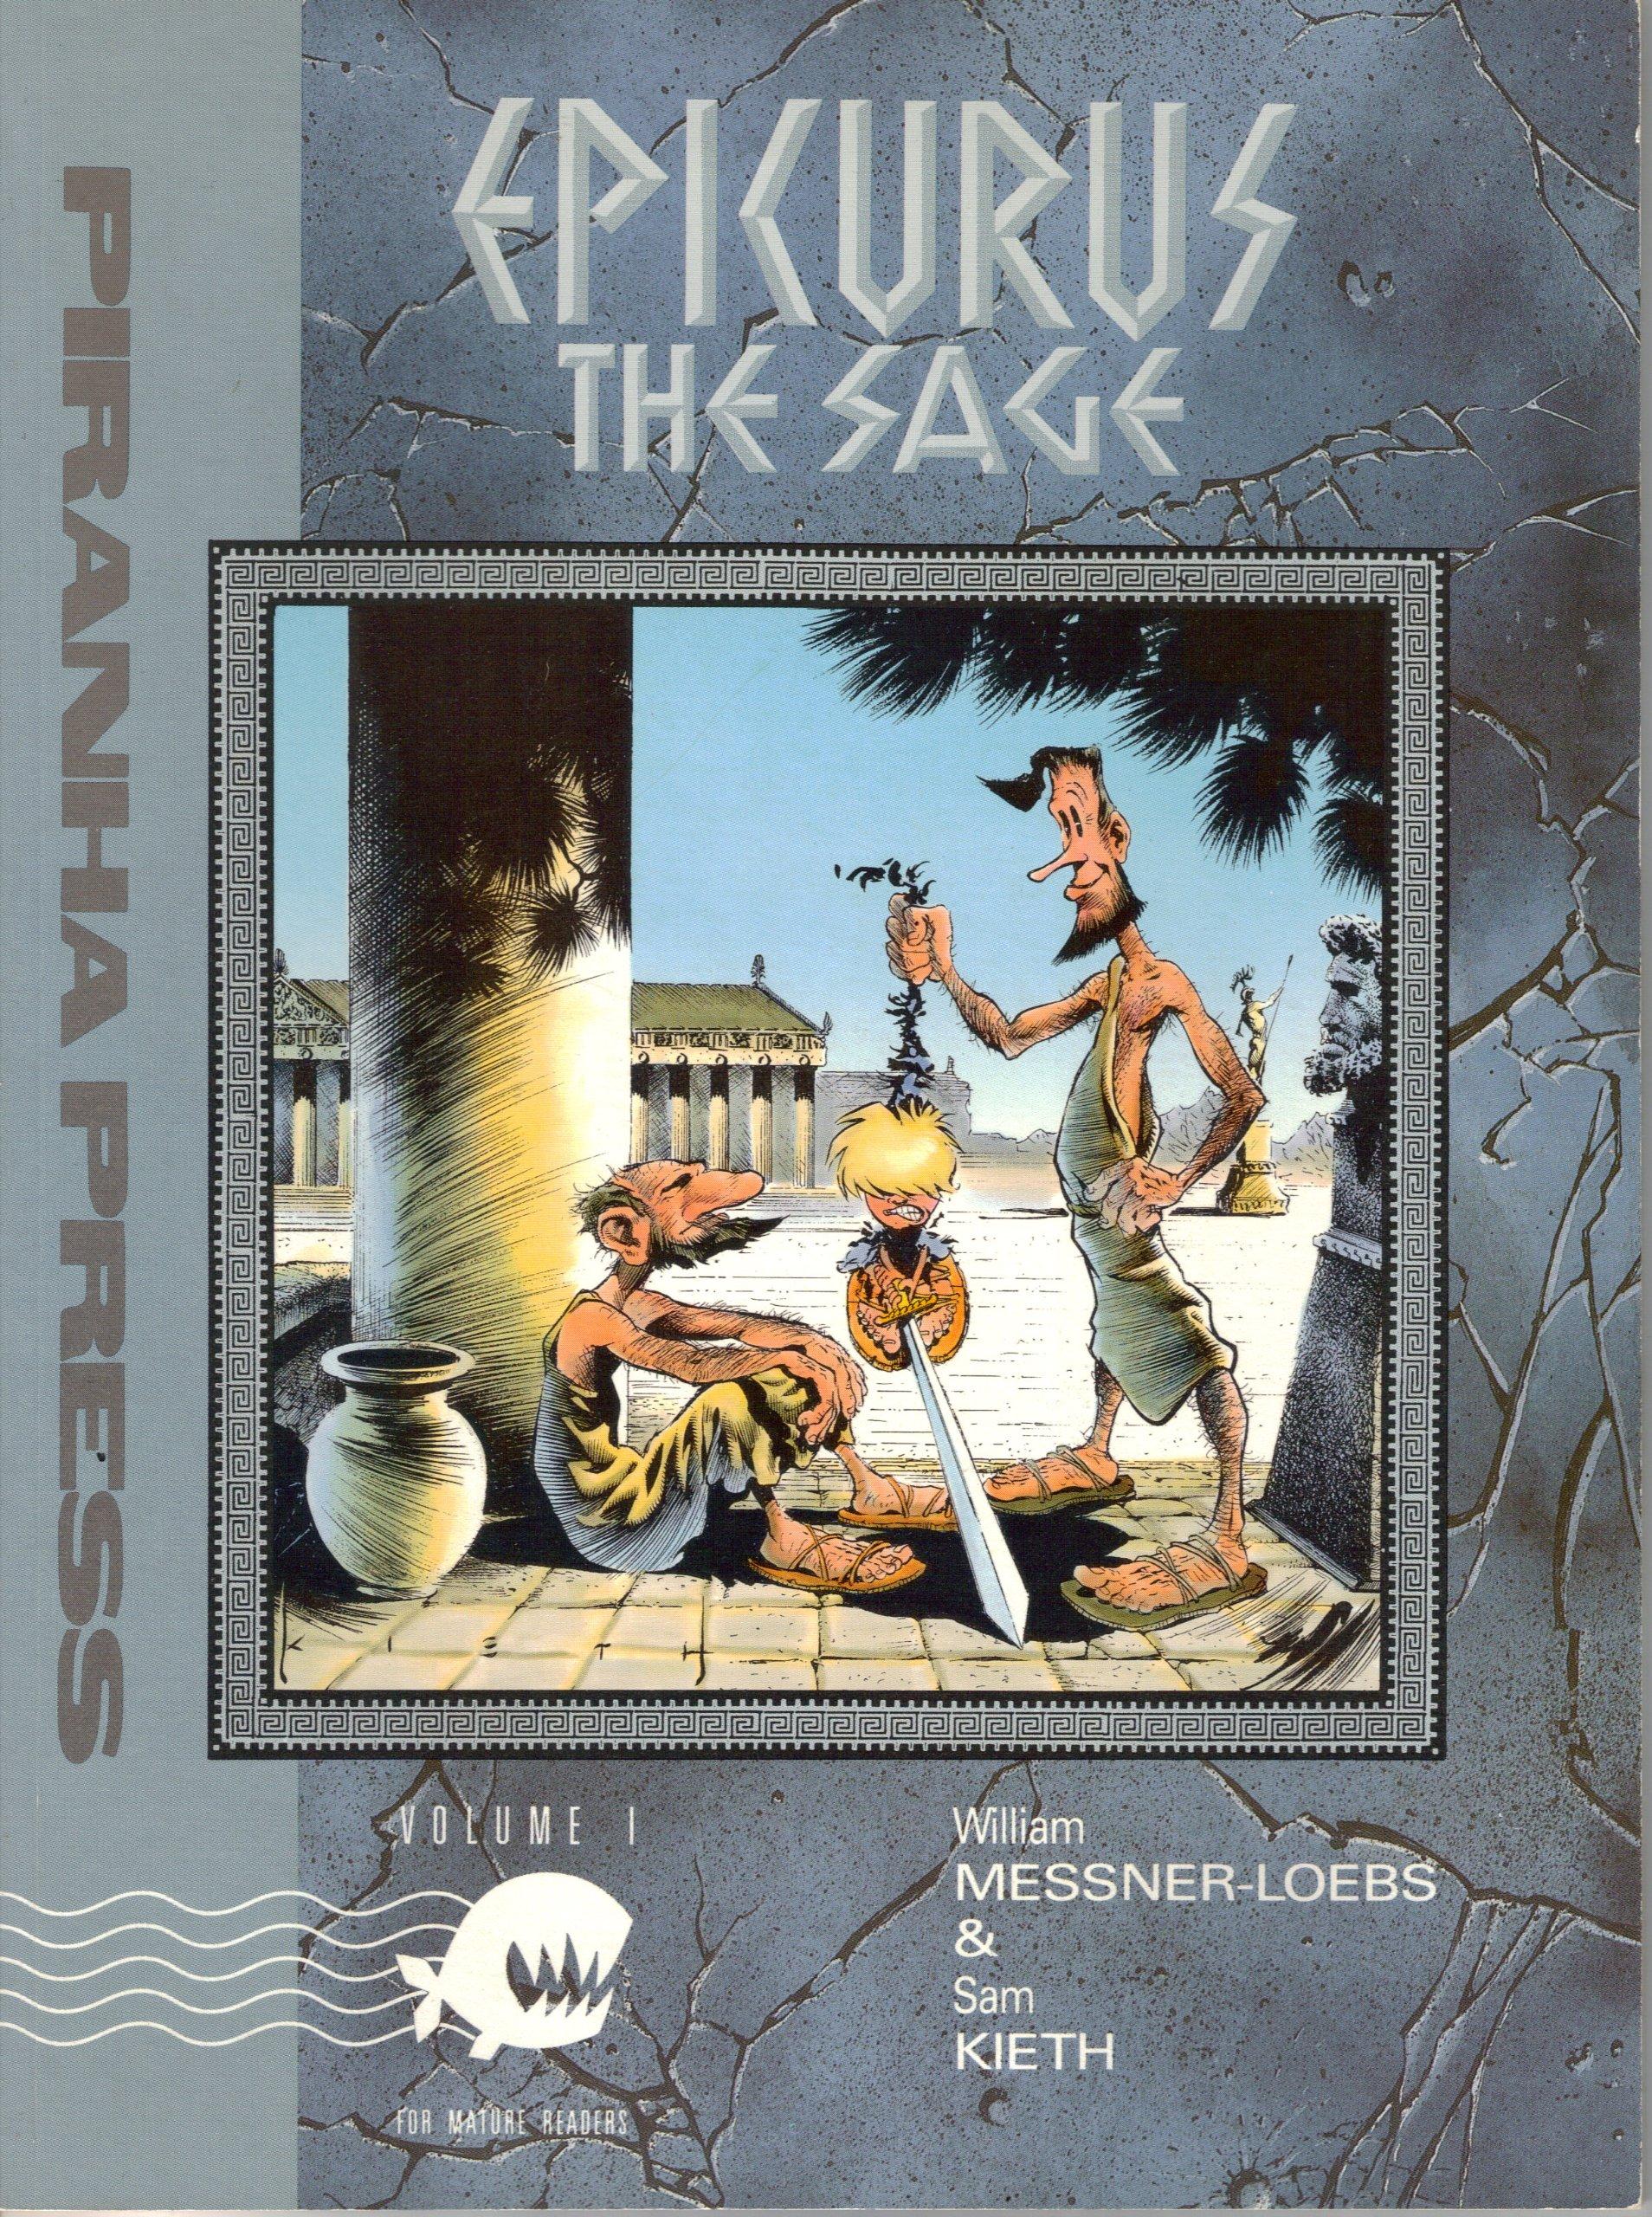 Epicurus the Sage Volume I